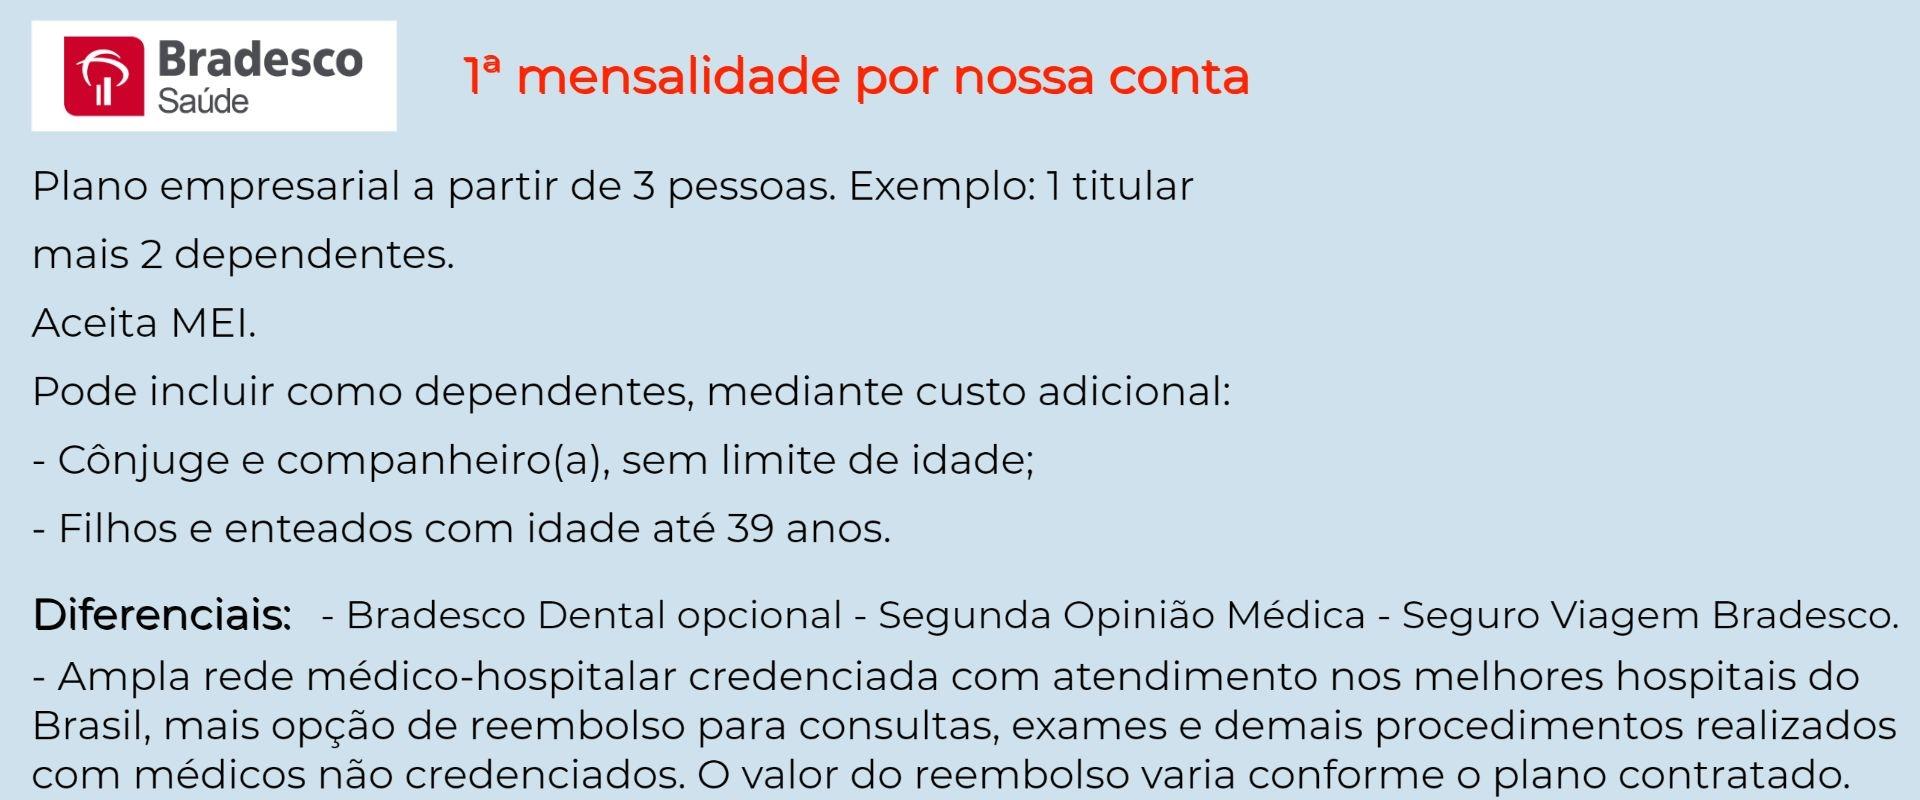 Bradesco Saúde Empresarial - Novo Horizonte